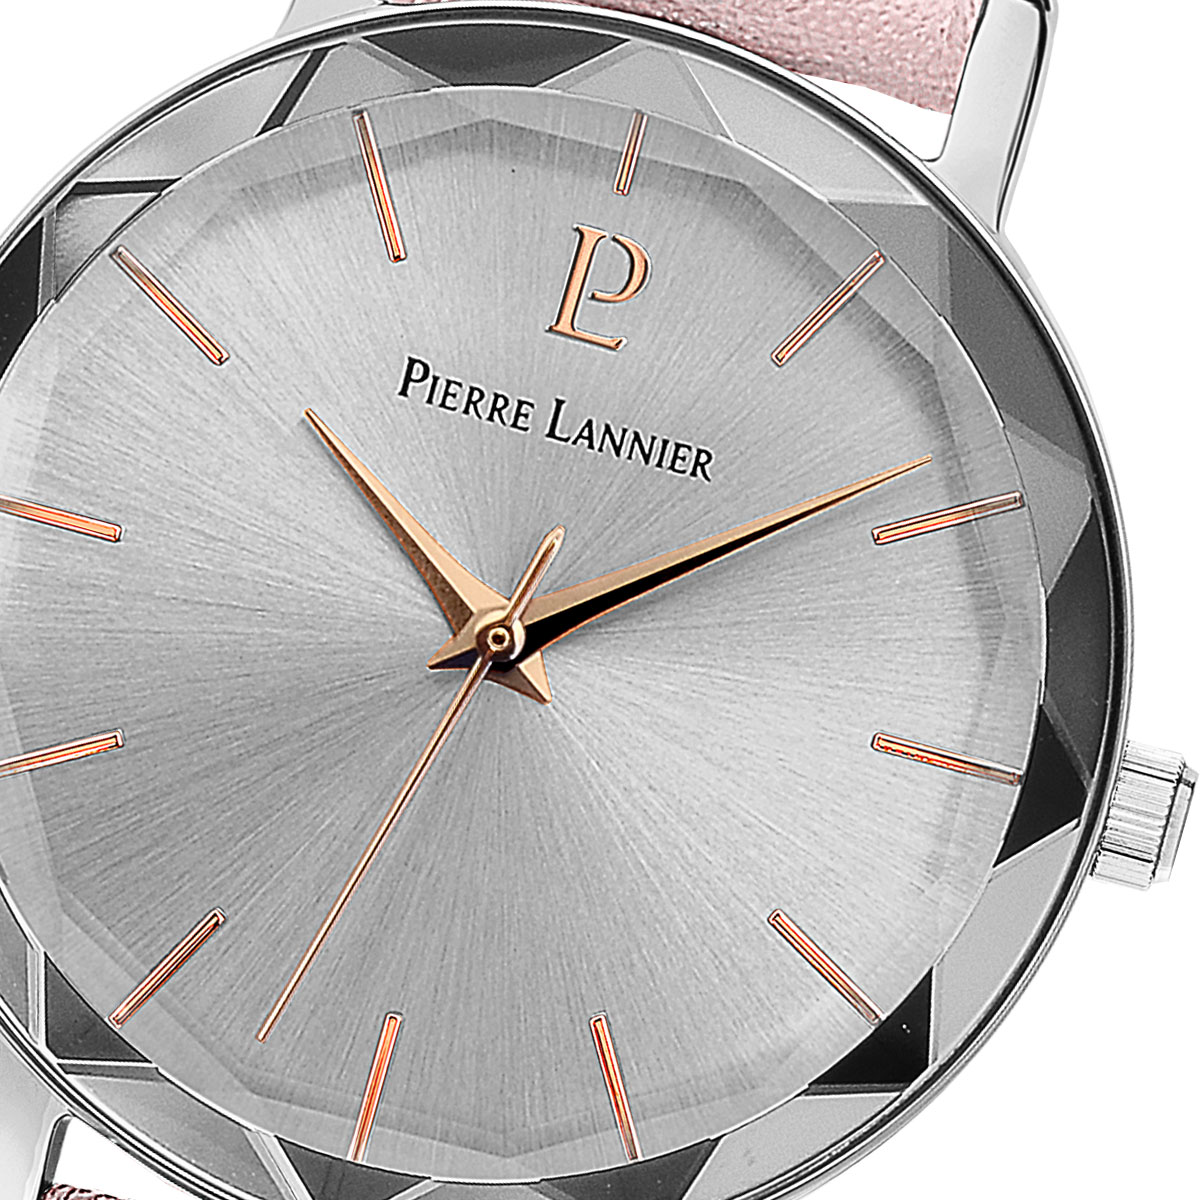 ピエールラニエ レディース腕時計 おしゃれ シンプル レザーウォッチ プレゼント ギフト 御祝 送料無料 ワンタッチベルト ワンタッチばね棒